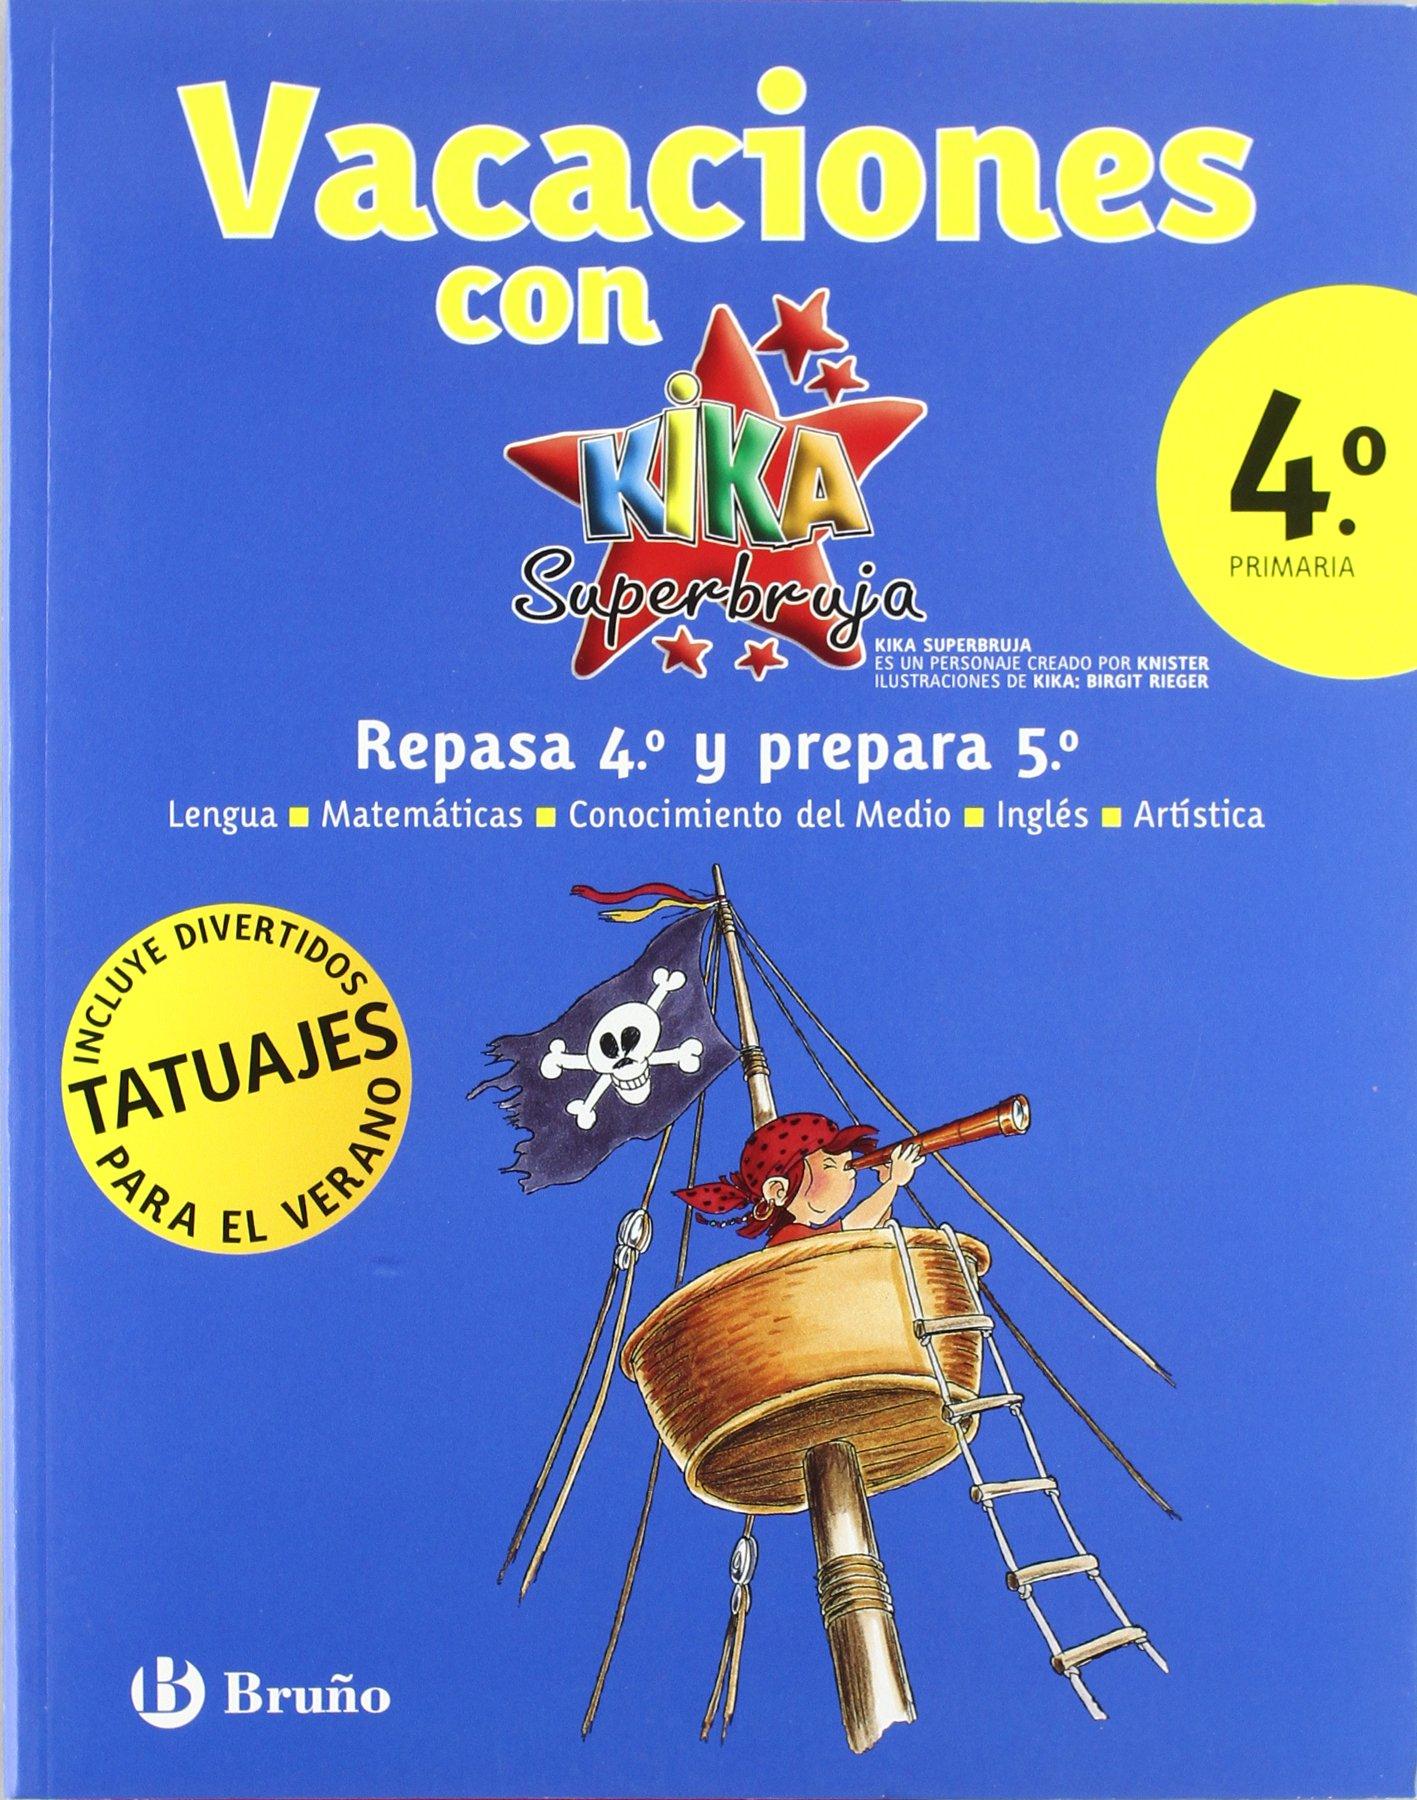 Vacaciones Kika 4º primaria Kika superbruja Castellano - Material Complementario - Vacaciones Primaria: Amazon.es: Varios autores: Libros